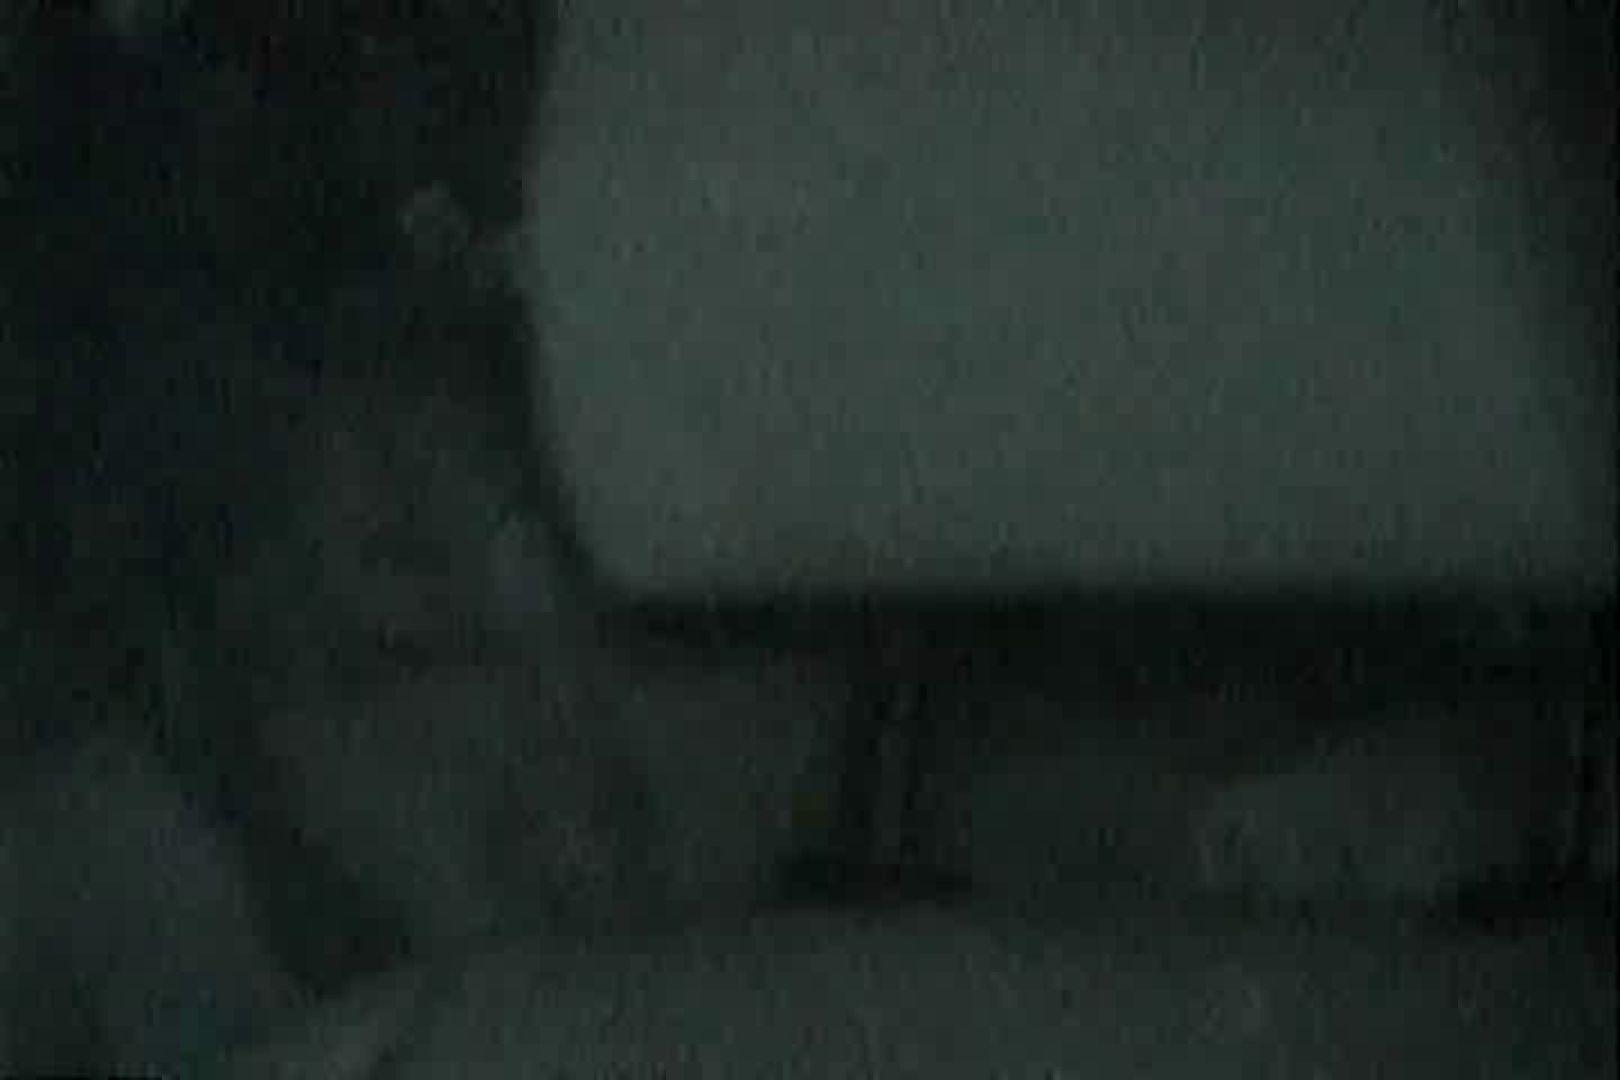 「充血監督」さんの深夜の運動会!! vol.128 カーセックスプレイ動画 AV無料動画キャプチャ 58画像 15